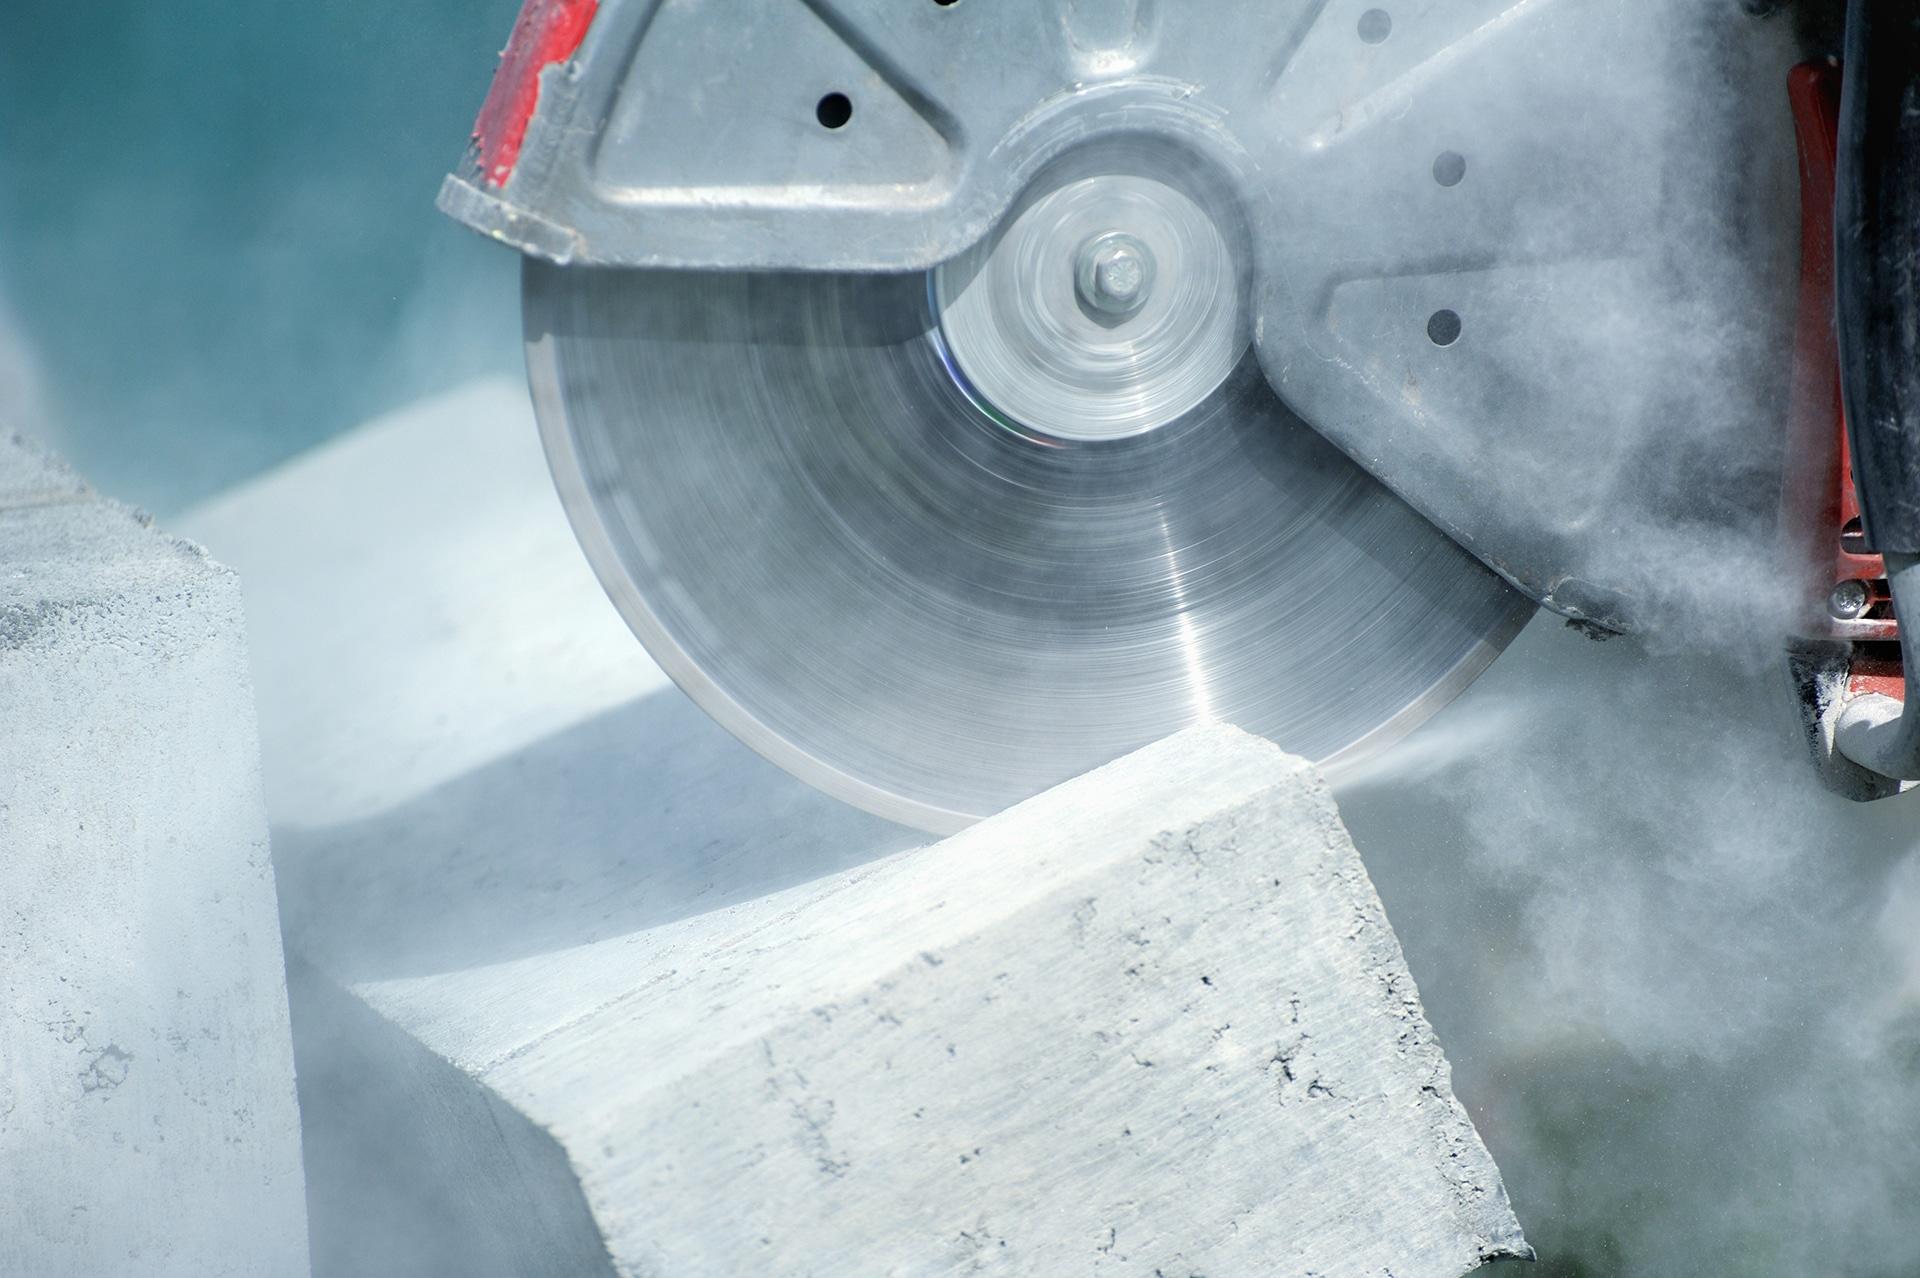 שחר צדיק - ניסור בטון קידוח בטון ניסור יהלום